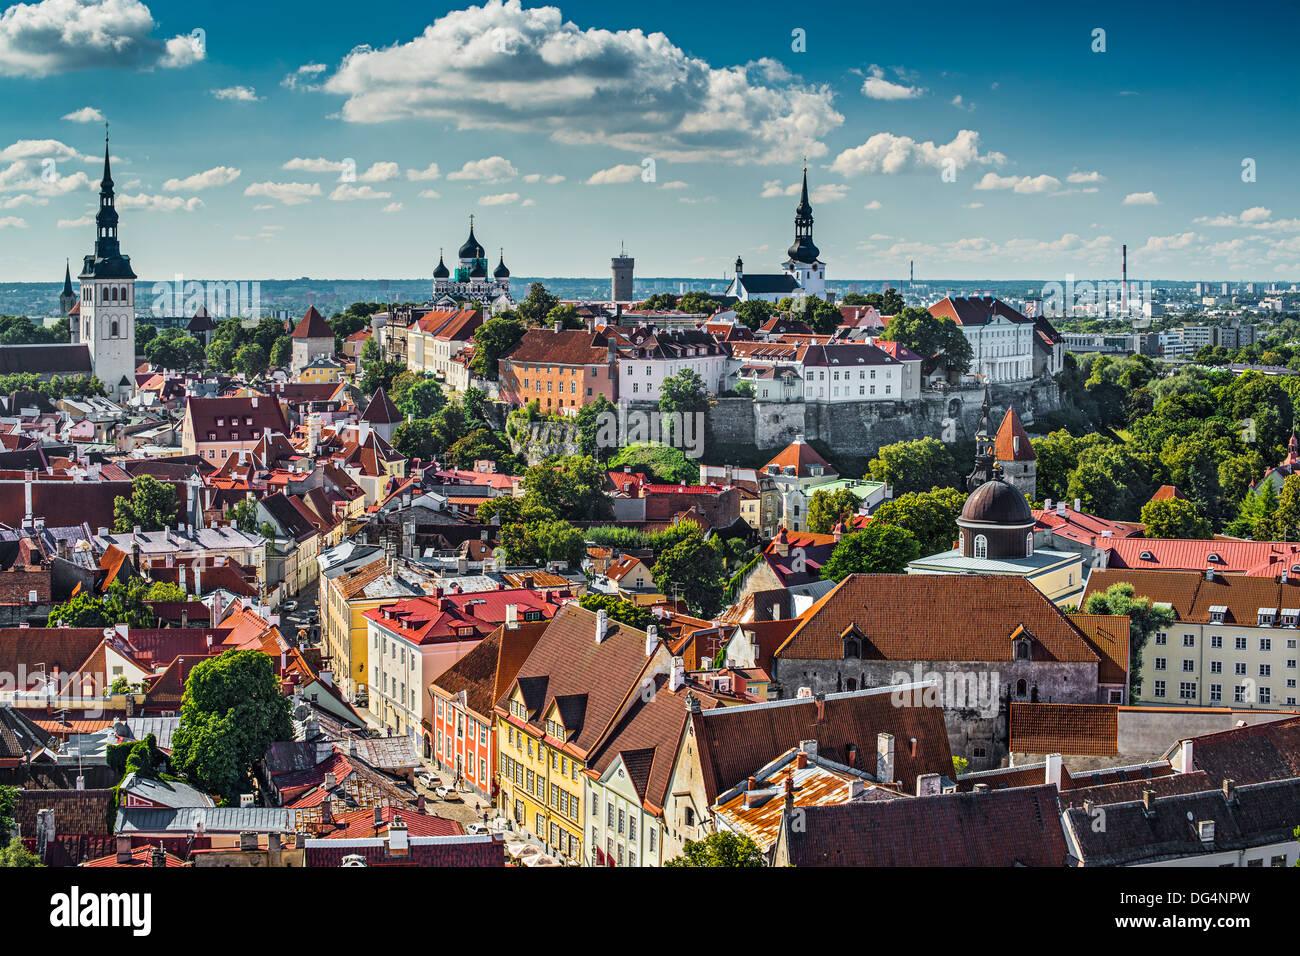 Skyline of Tallinn, Estonia at the old city. - Stock Image